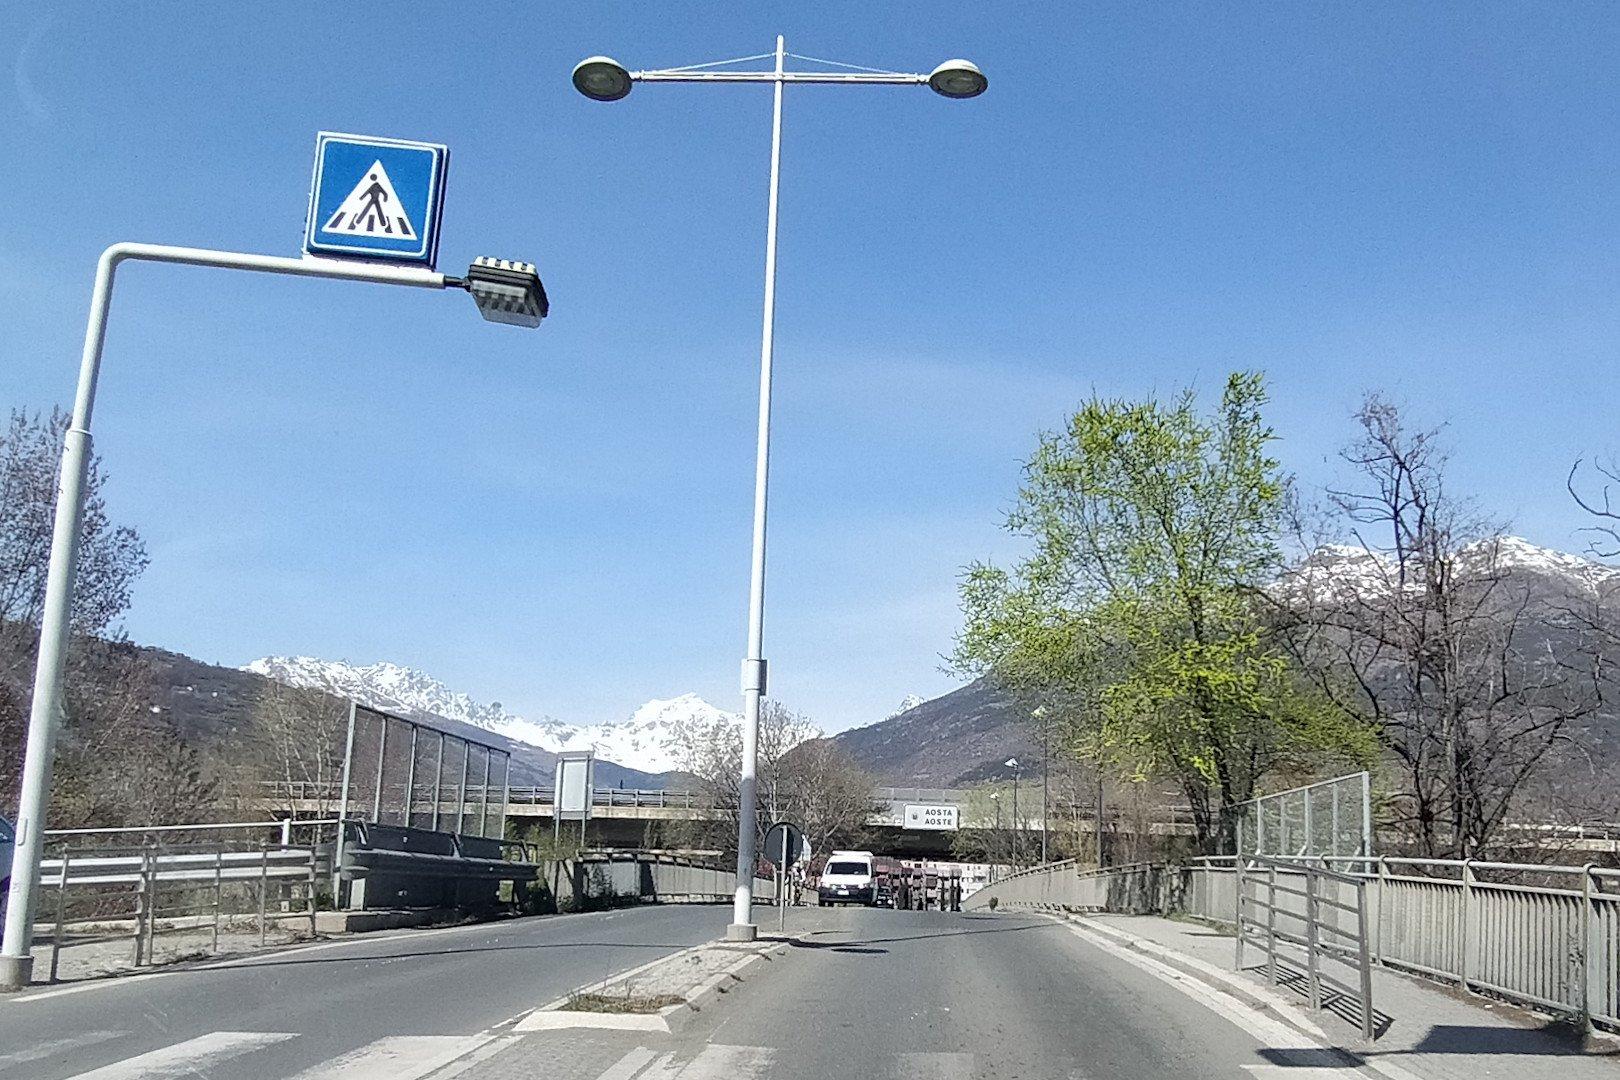 La Regione ha acquisito il Pont-Suaz sulla Dora Baltea, tra Aosta e Charvensod, diventerà parte della strada regionale 18 di Pila